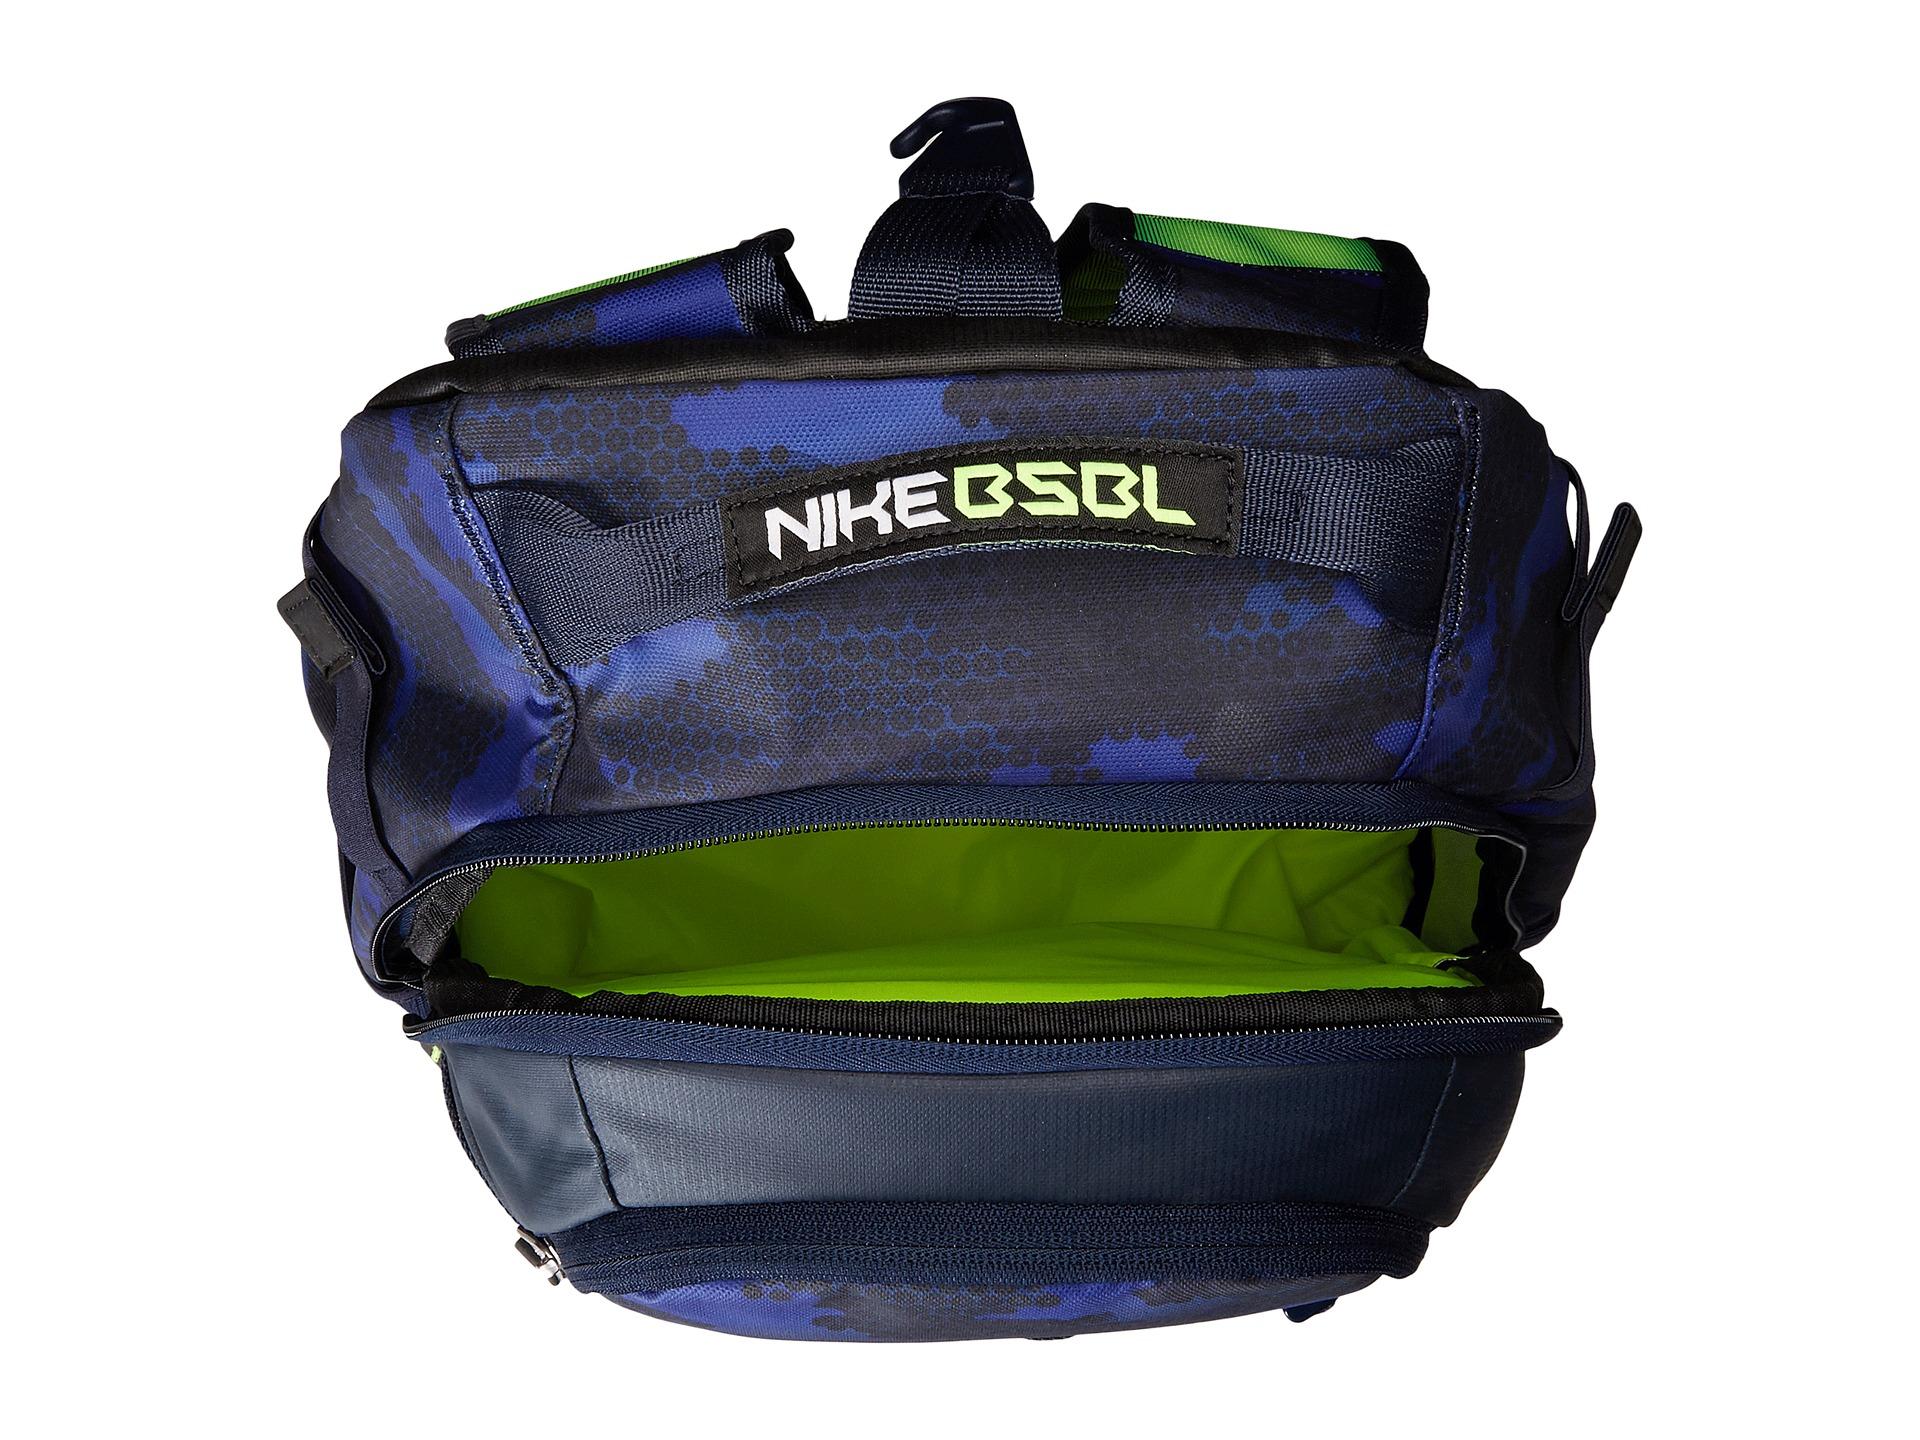 Lyst - Nike Vapor Elite Bat Backpack Graphic in Blue for Men f60fc4d577863